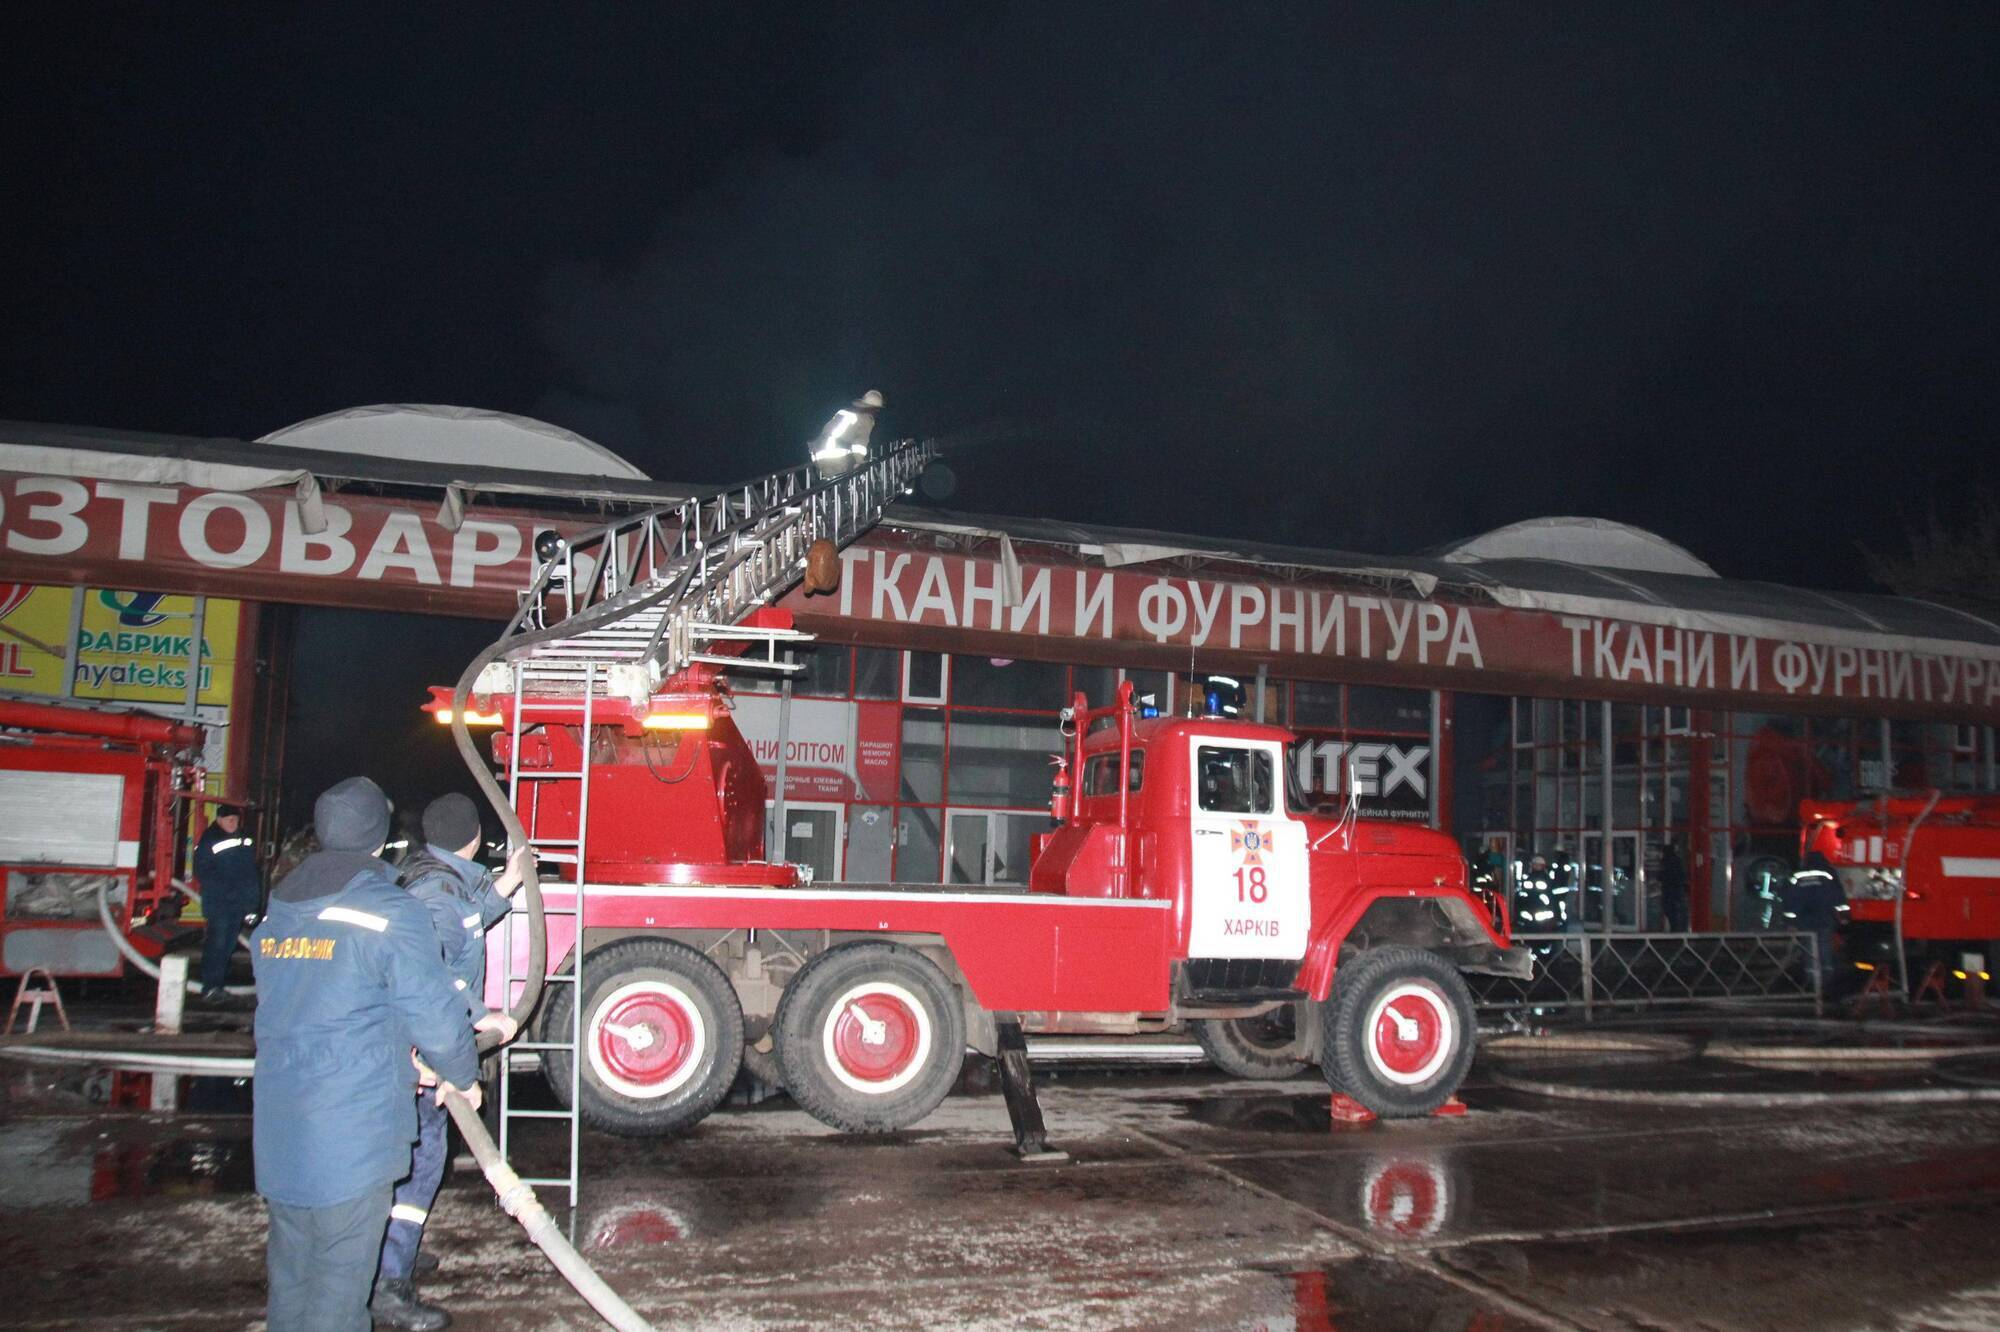 У гасінні брали участь 15 відділень рятувальників на автоцистернах